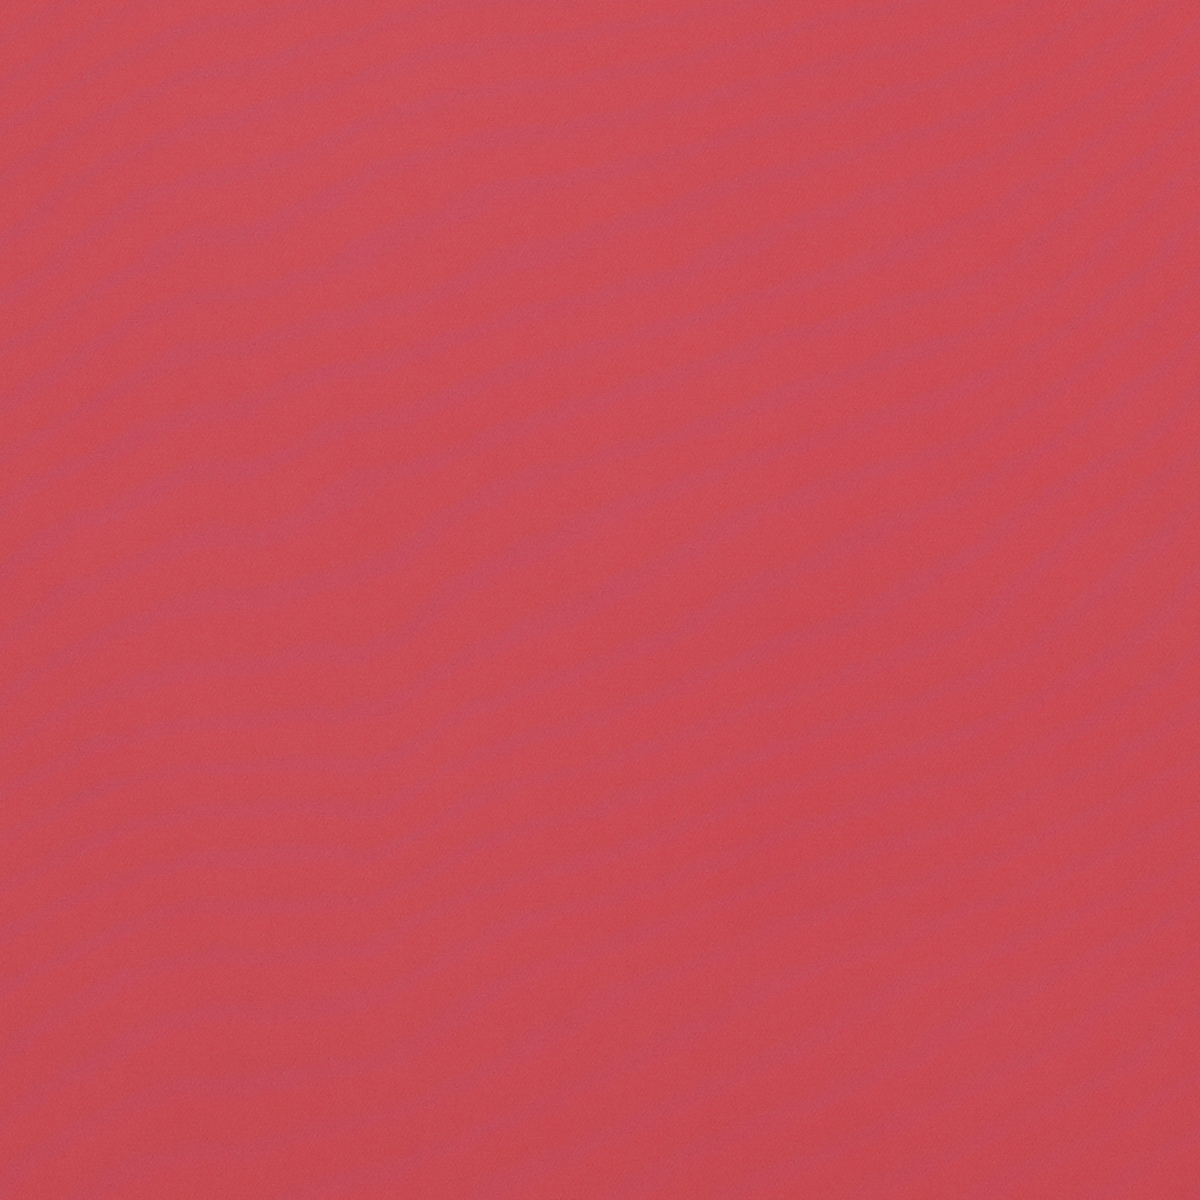 Креп полиэстеровый с эластаном кораллового цвета